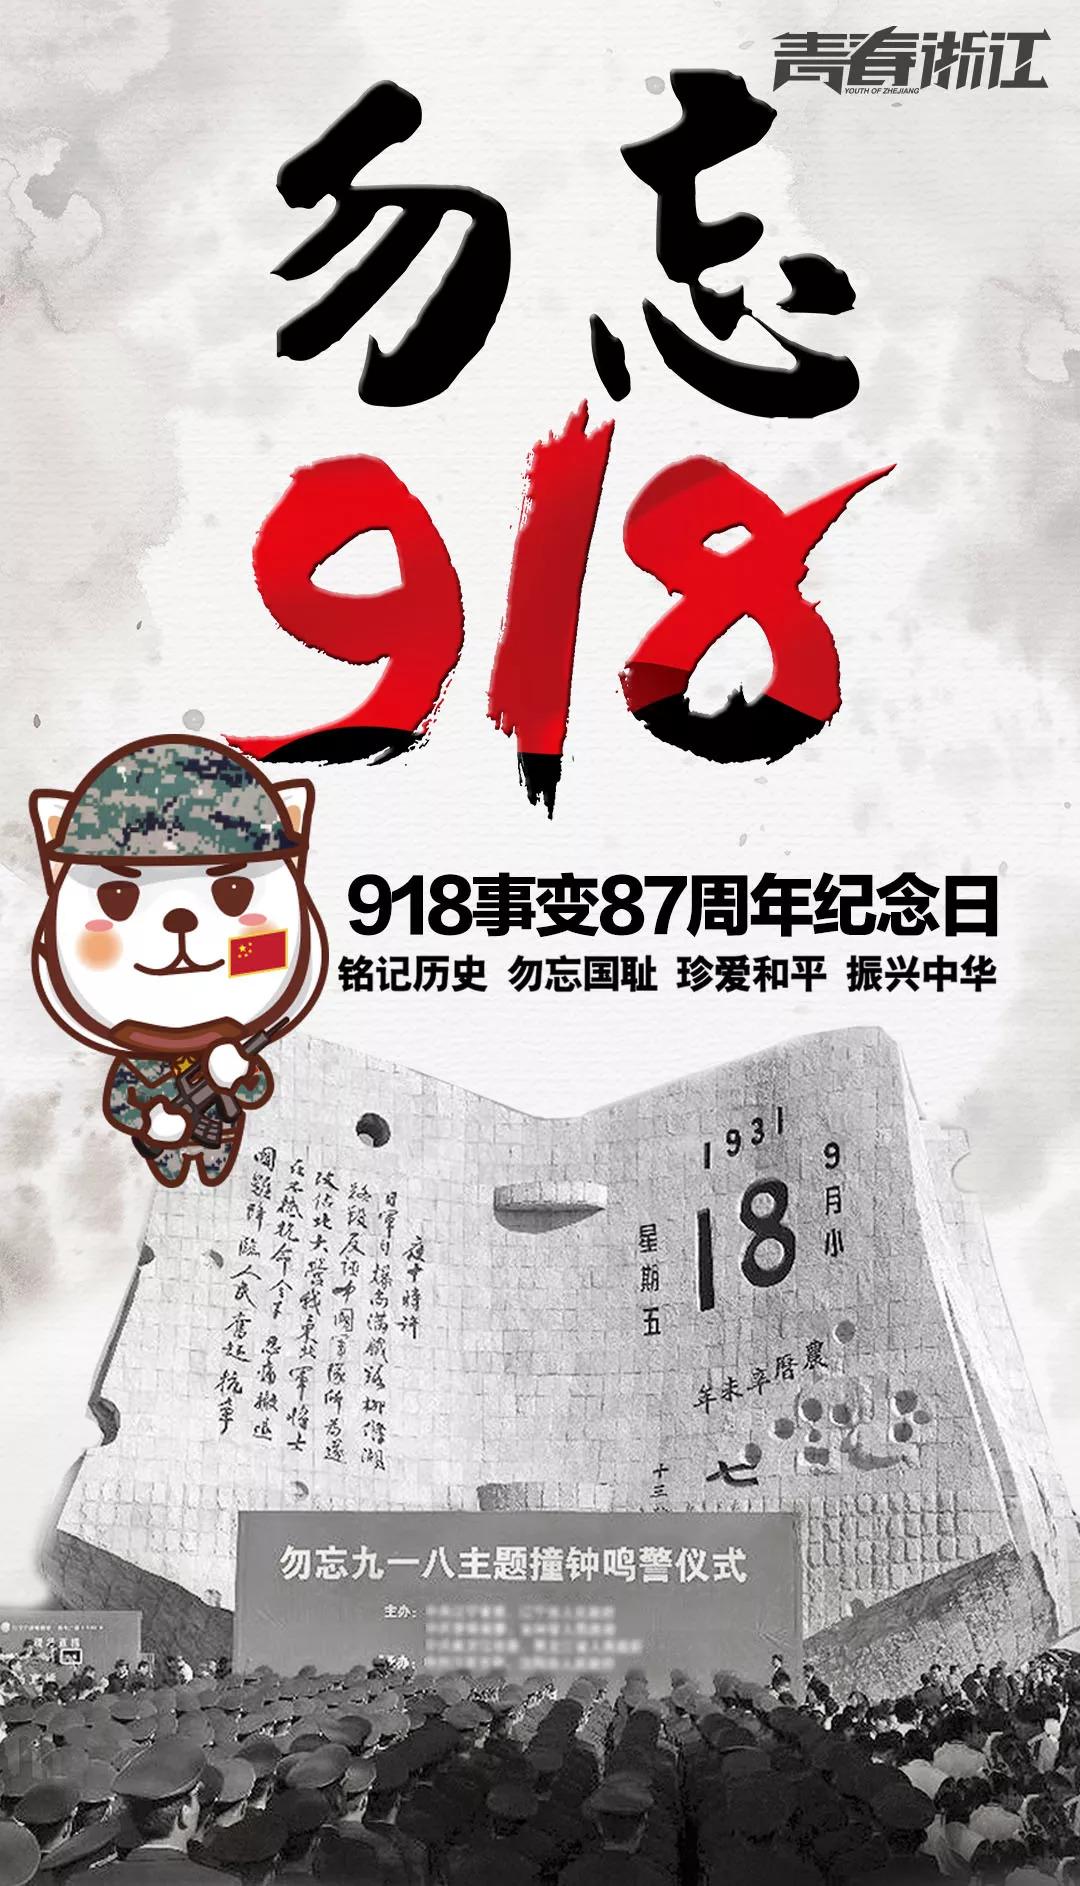 【九一八】牢记历史,勿忘国耻